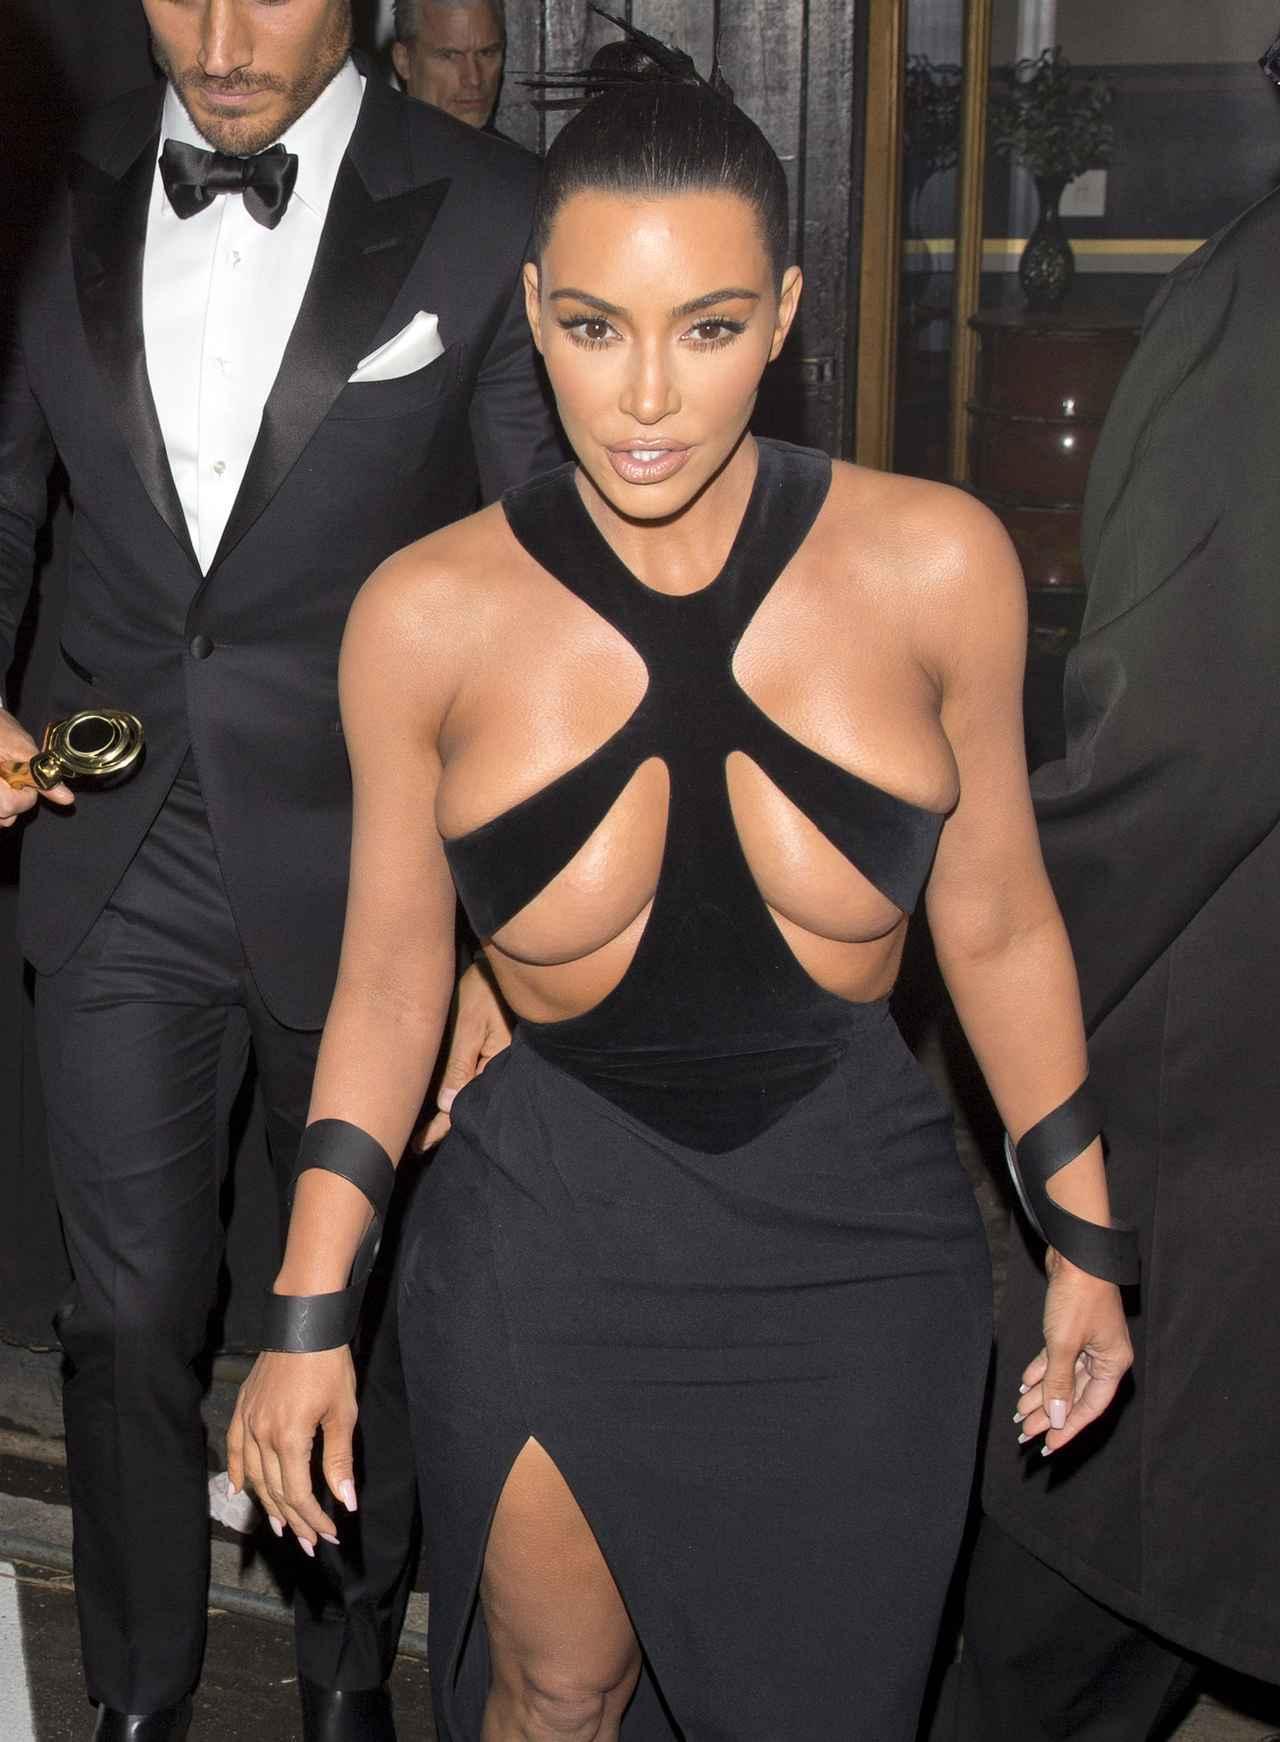 画像2: ハイリスクなドレスを着てアワードに出席